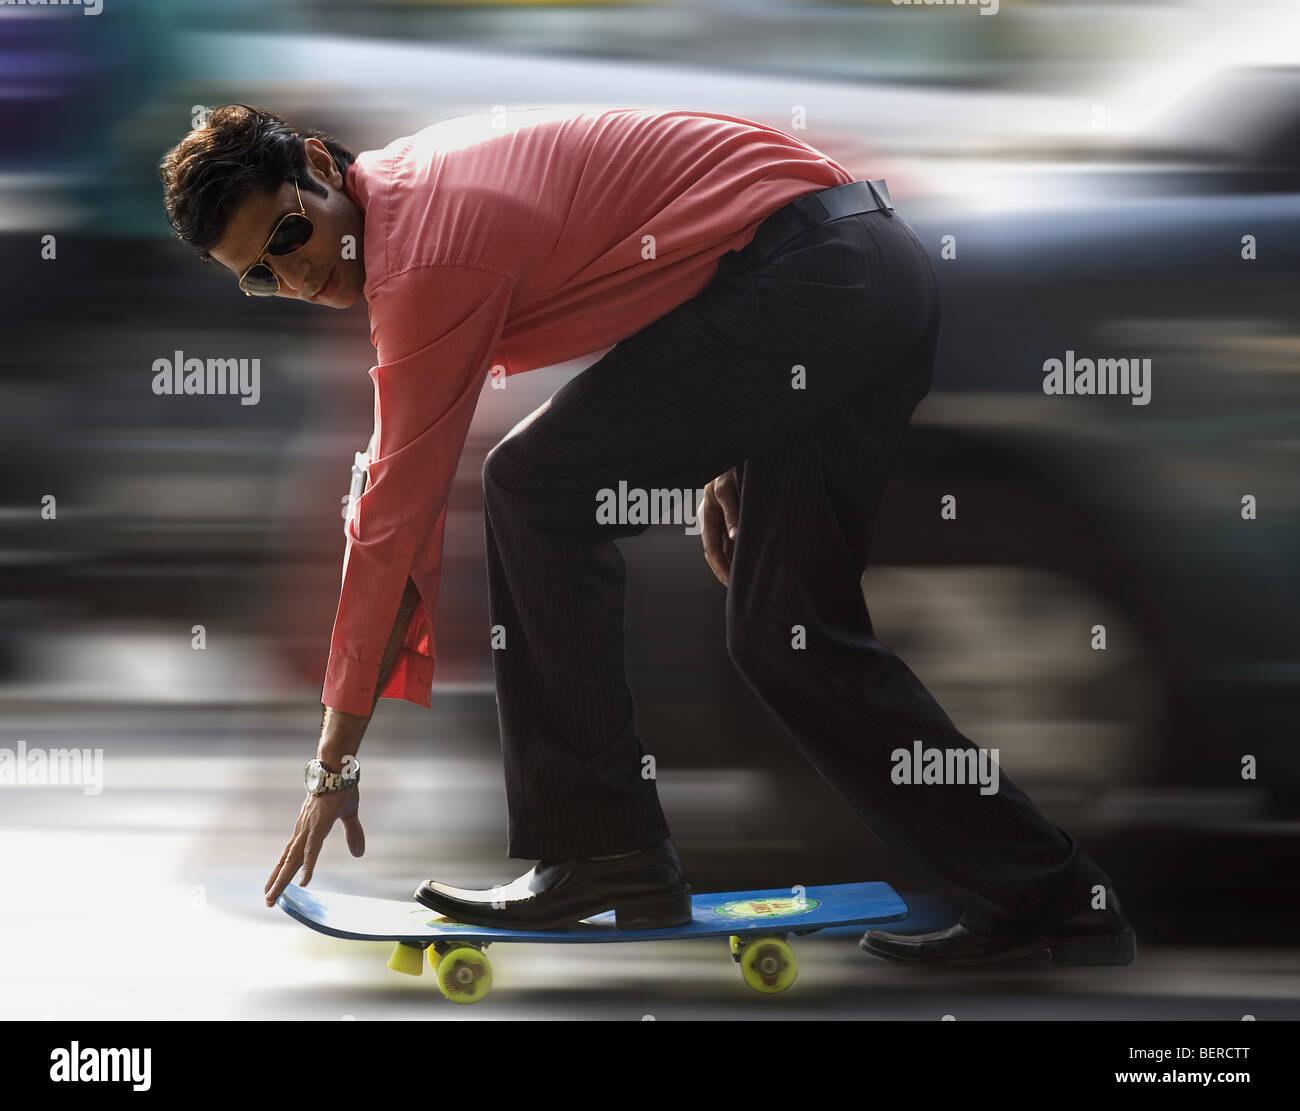 L'uomo su uno skateboard Immagini Stock